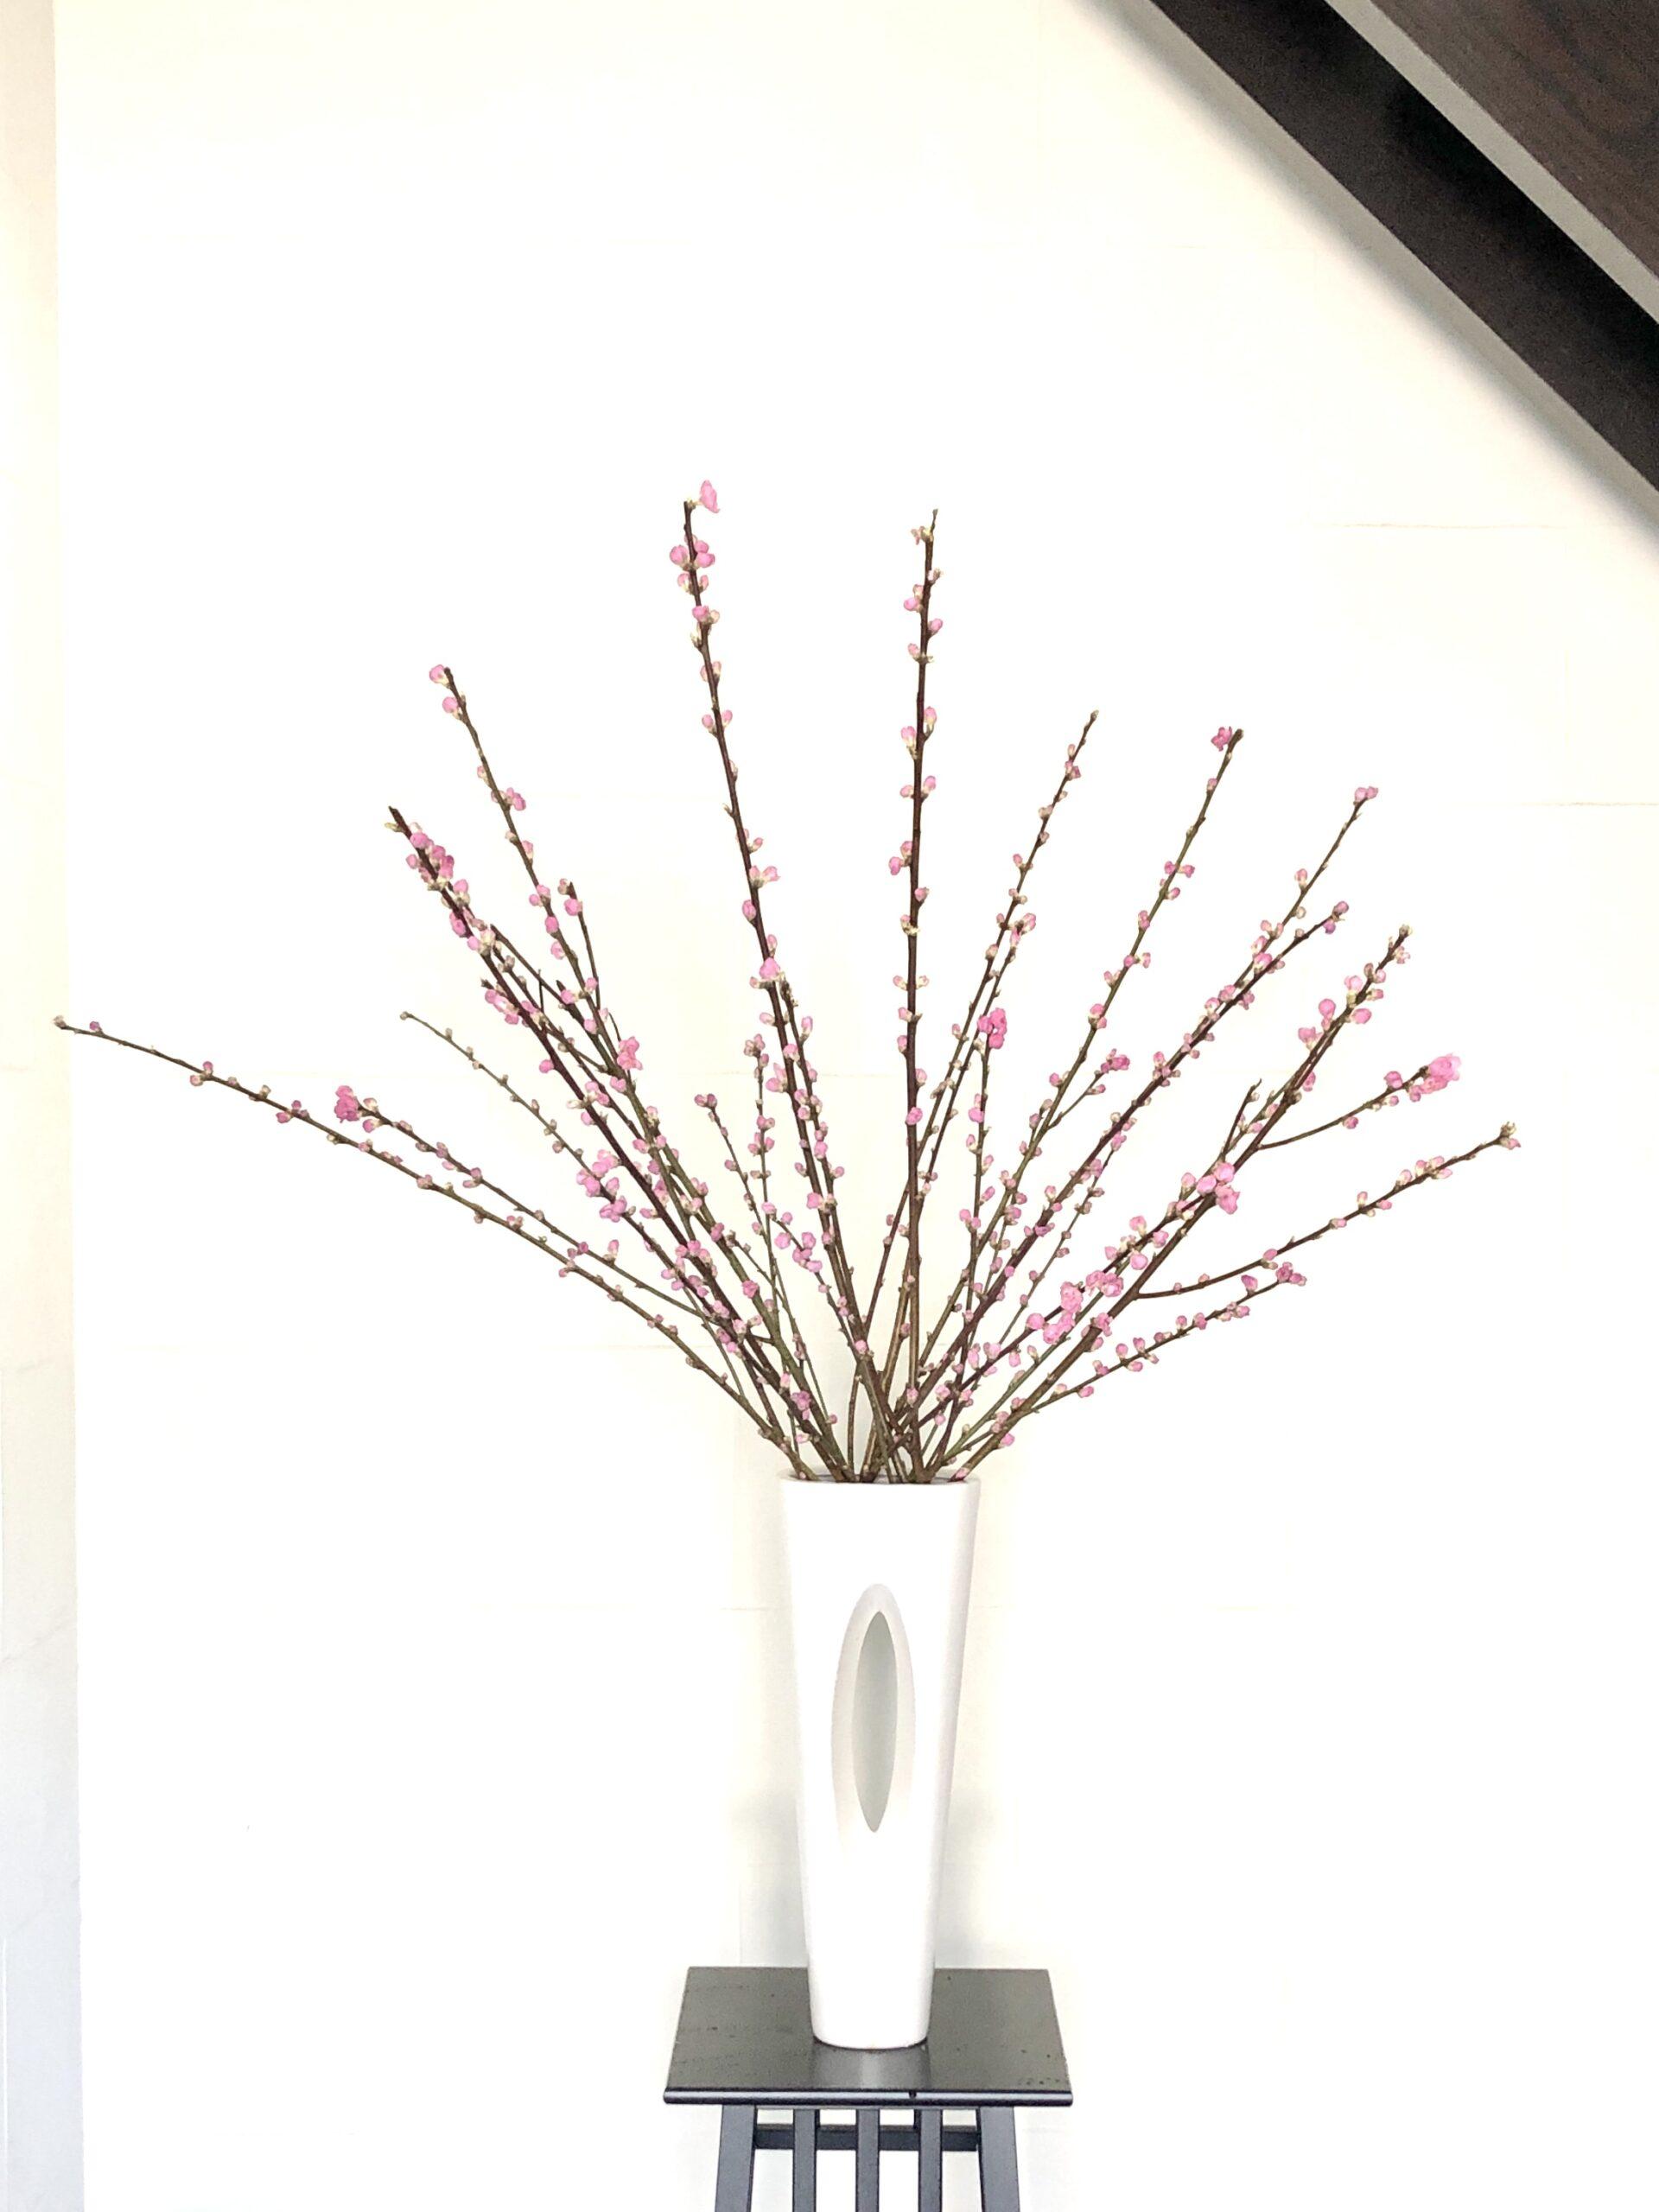 ひな祭りの生け花。桃の花の1種いけ。